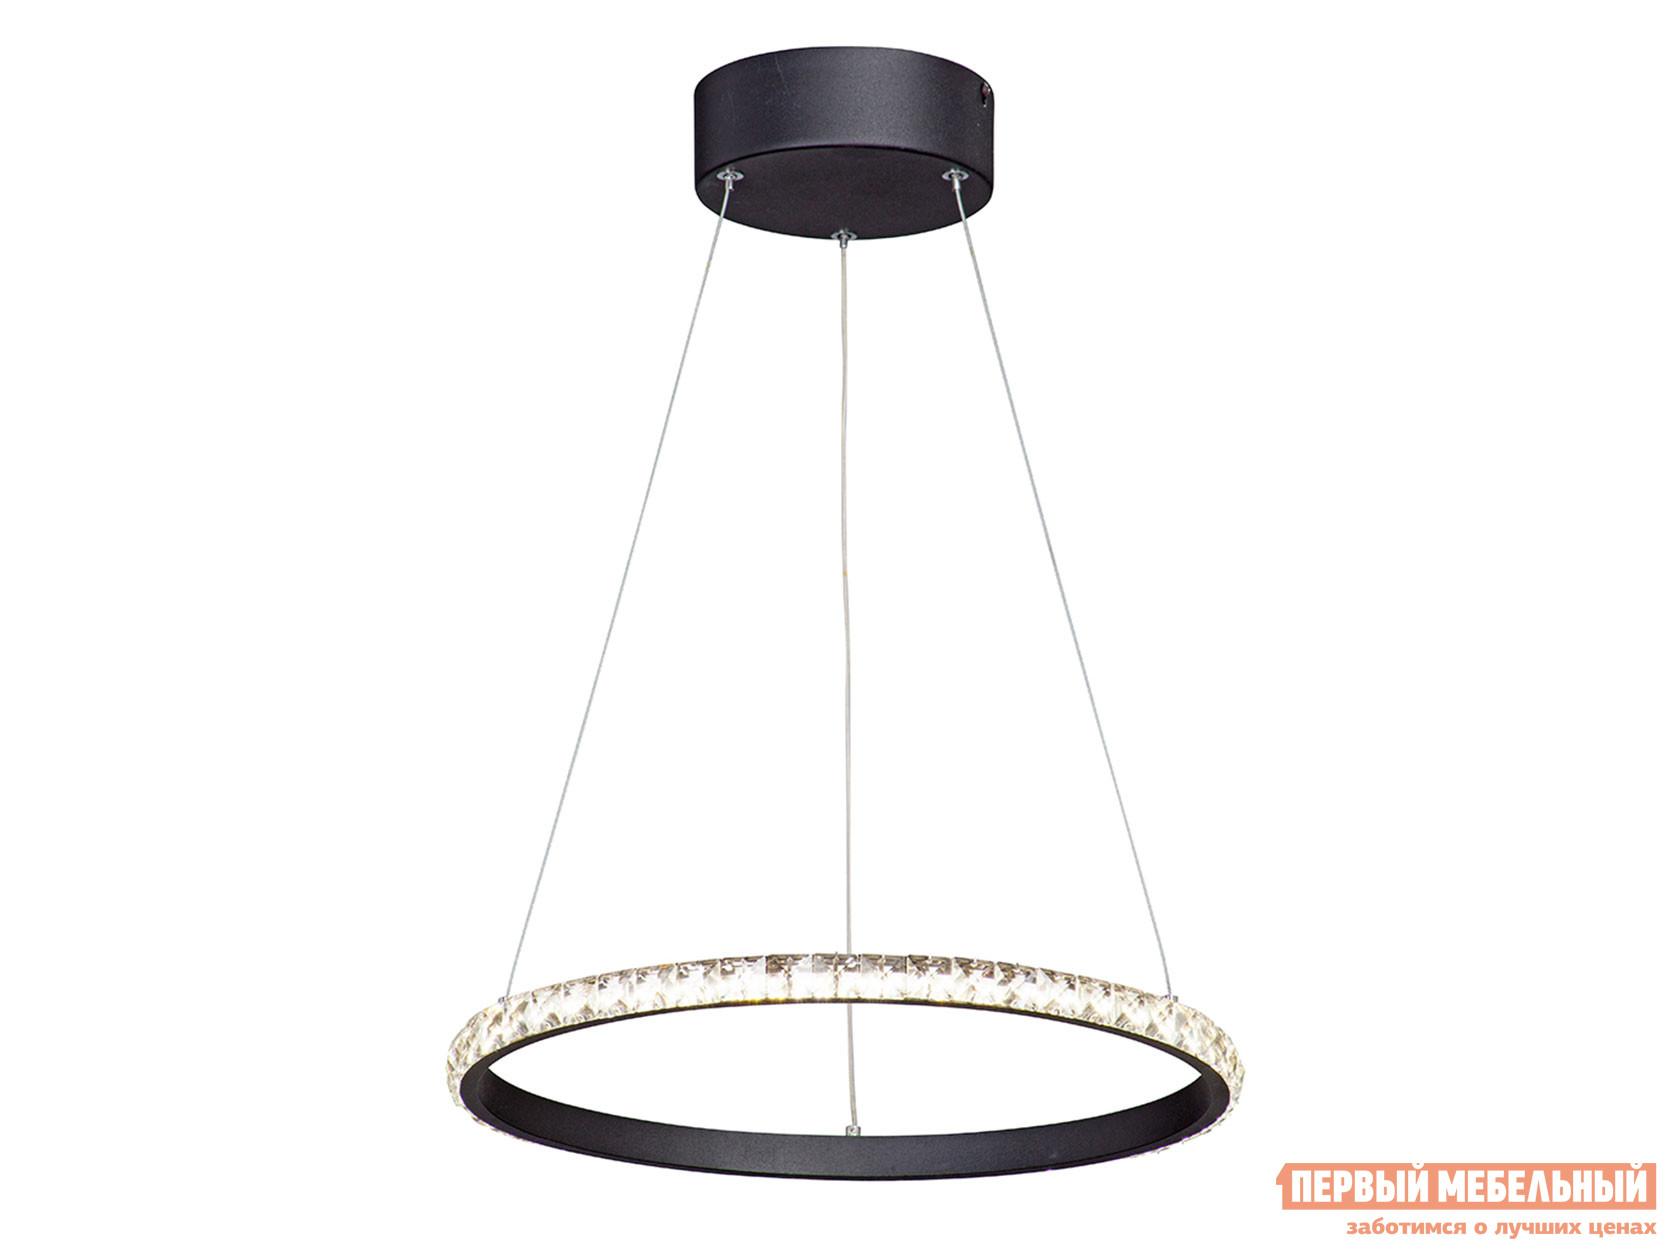 Фото - Подвесной светильник КСК-электро Светодиодный светильник V4629-1/1S, LED 25Вт, 3900-4200K подвесной светильник кск электро светодиодный светильник v4617 1 2s led 91вт 3900 4200k